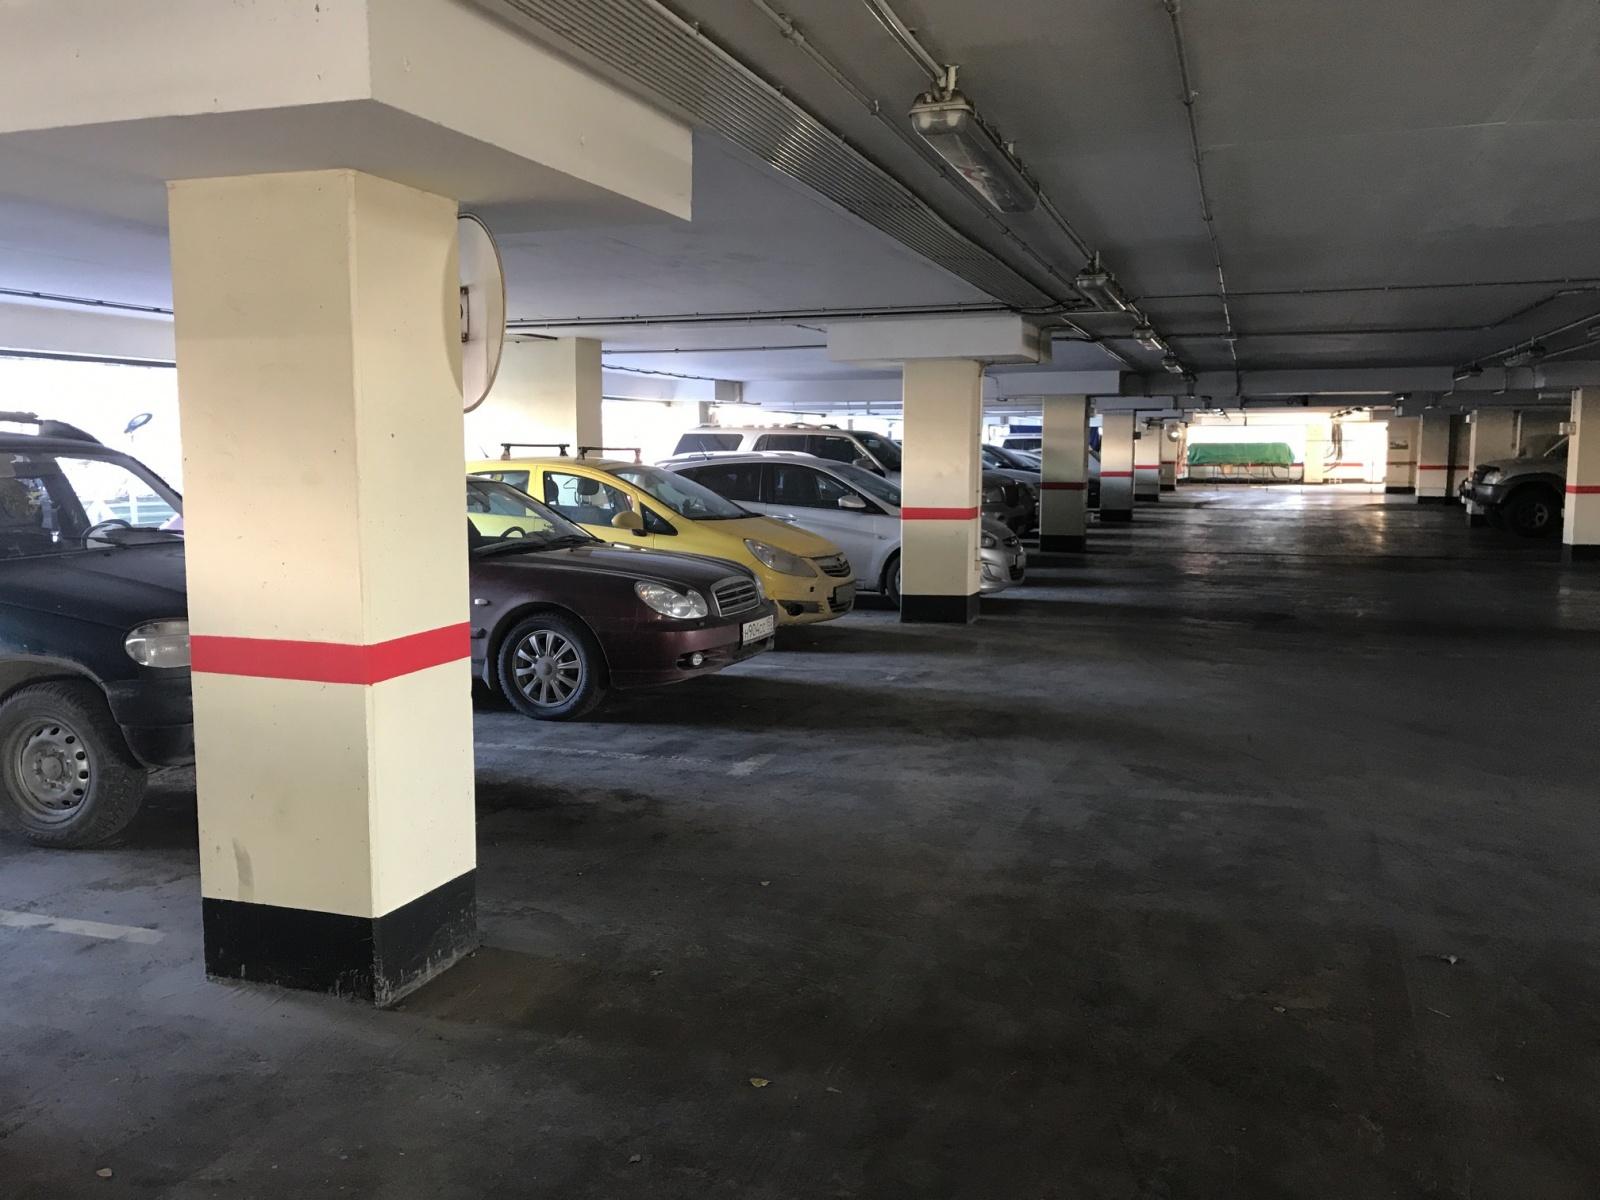 Как мы теряли и находили машины на 9-этажной парковке - 2